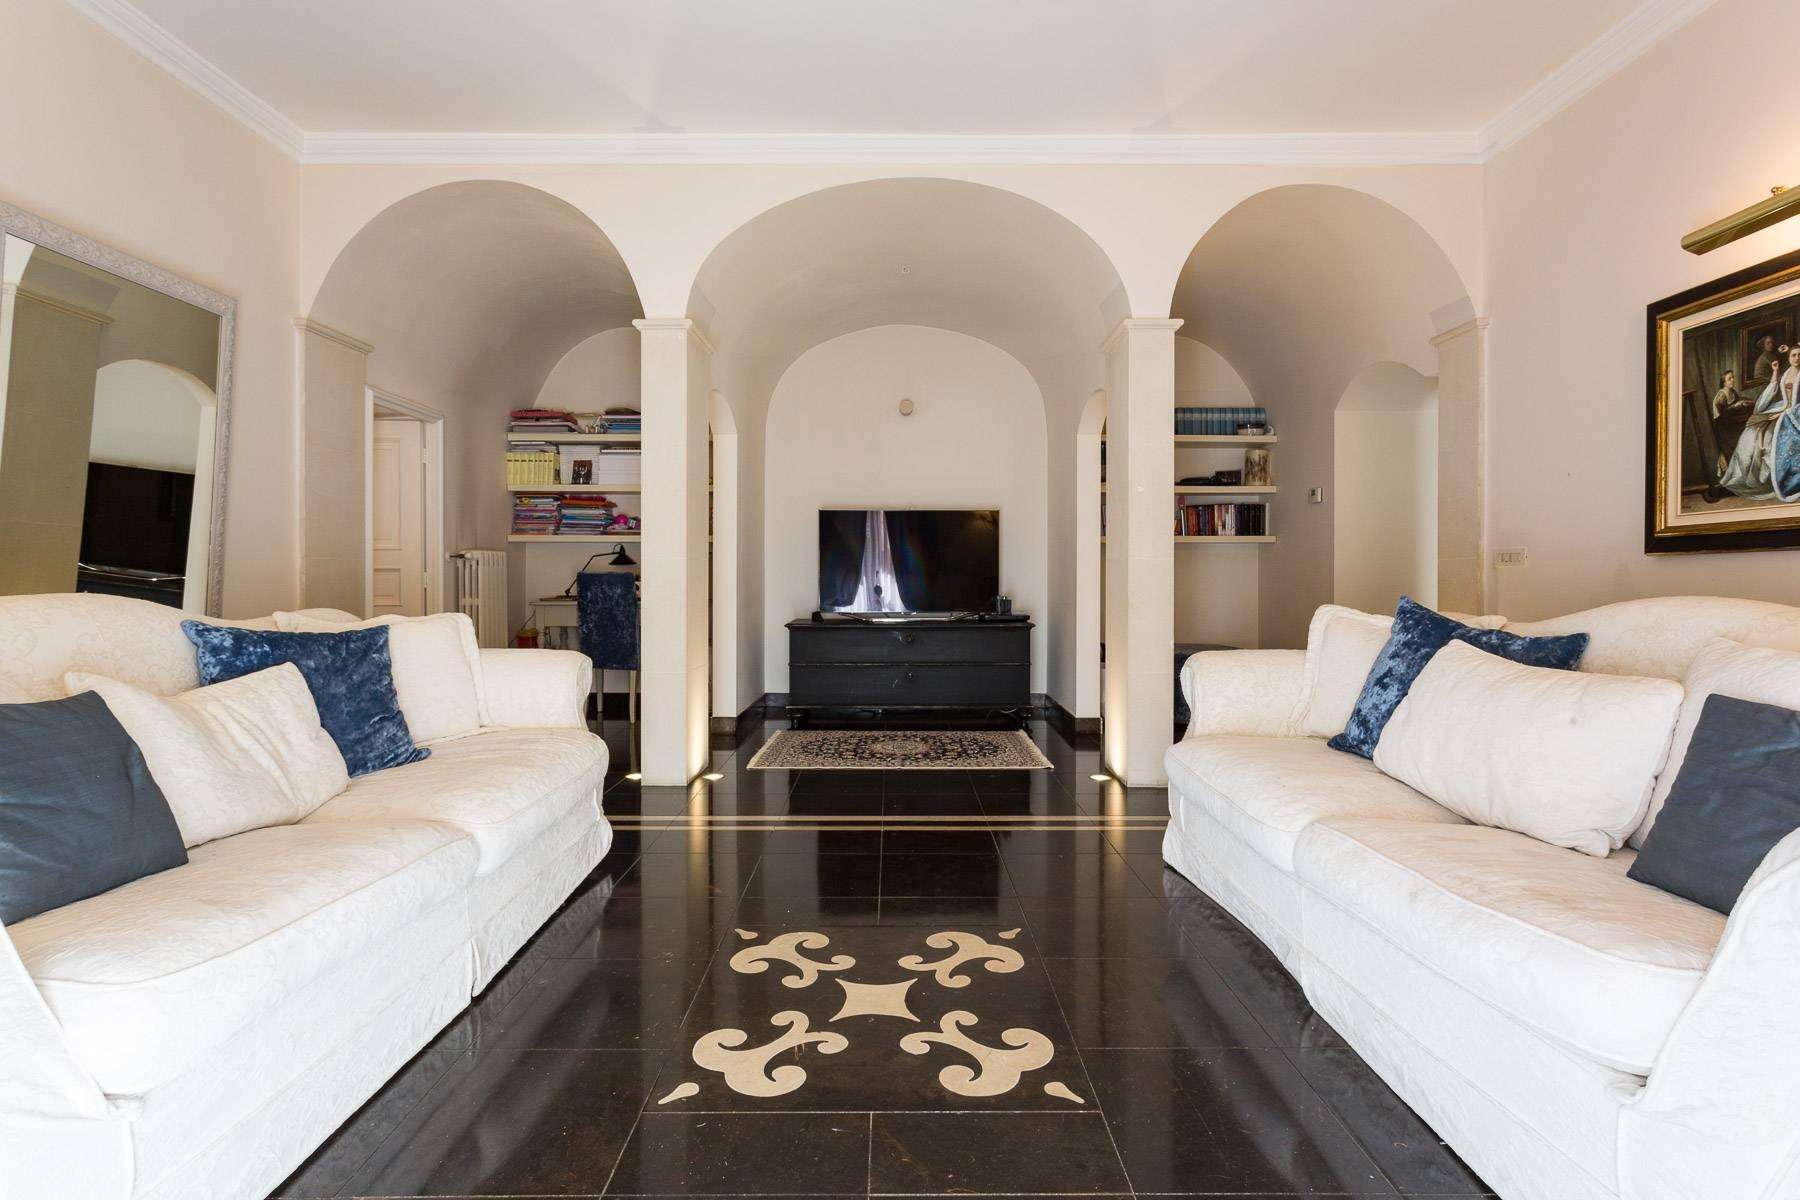 Casa indipendente in Vendita a Ragusa: 5 locali, 200 mq - Foto 11